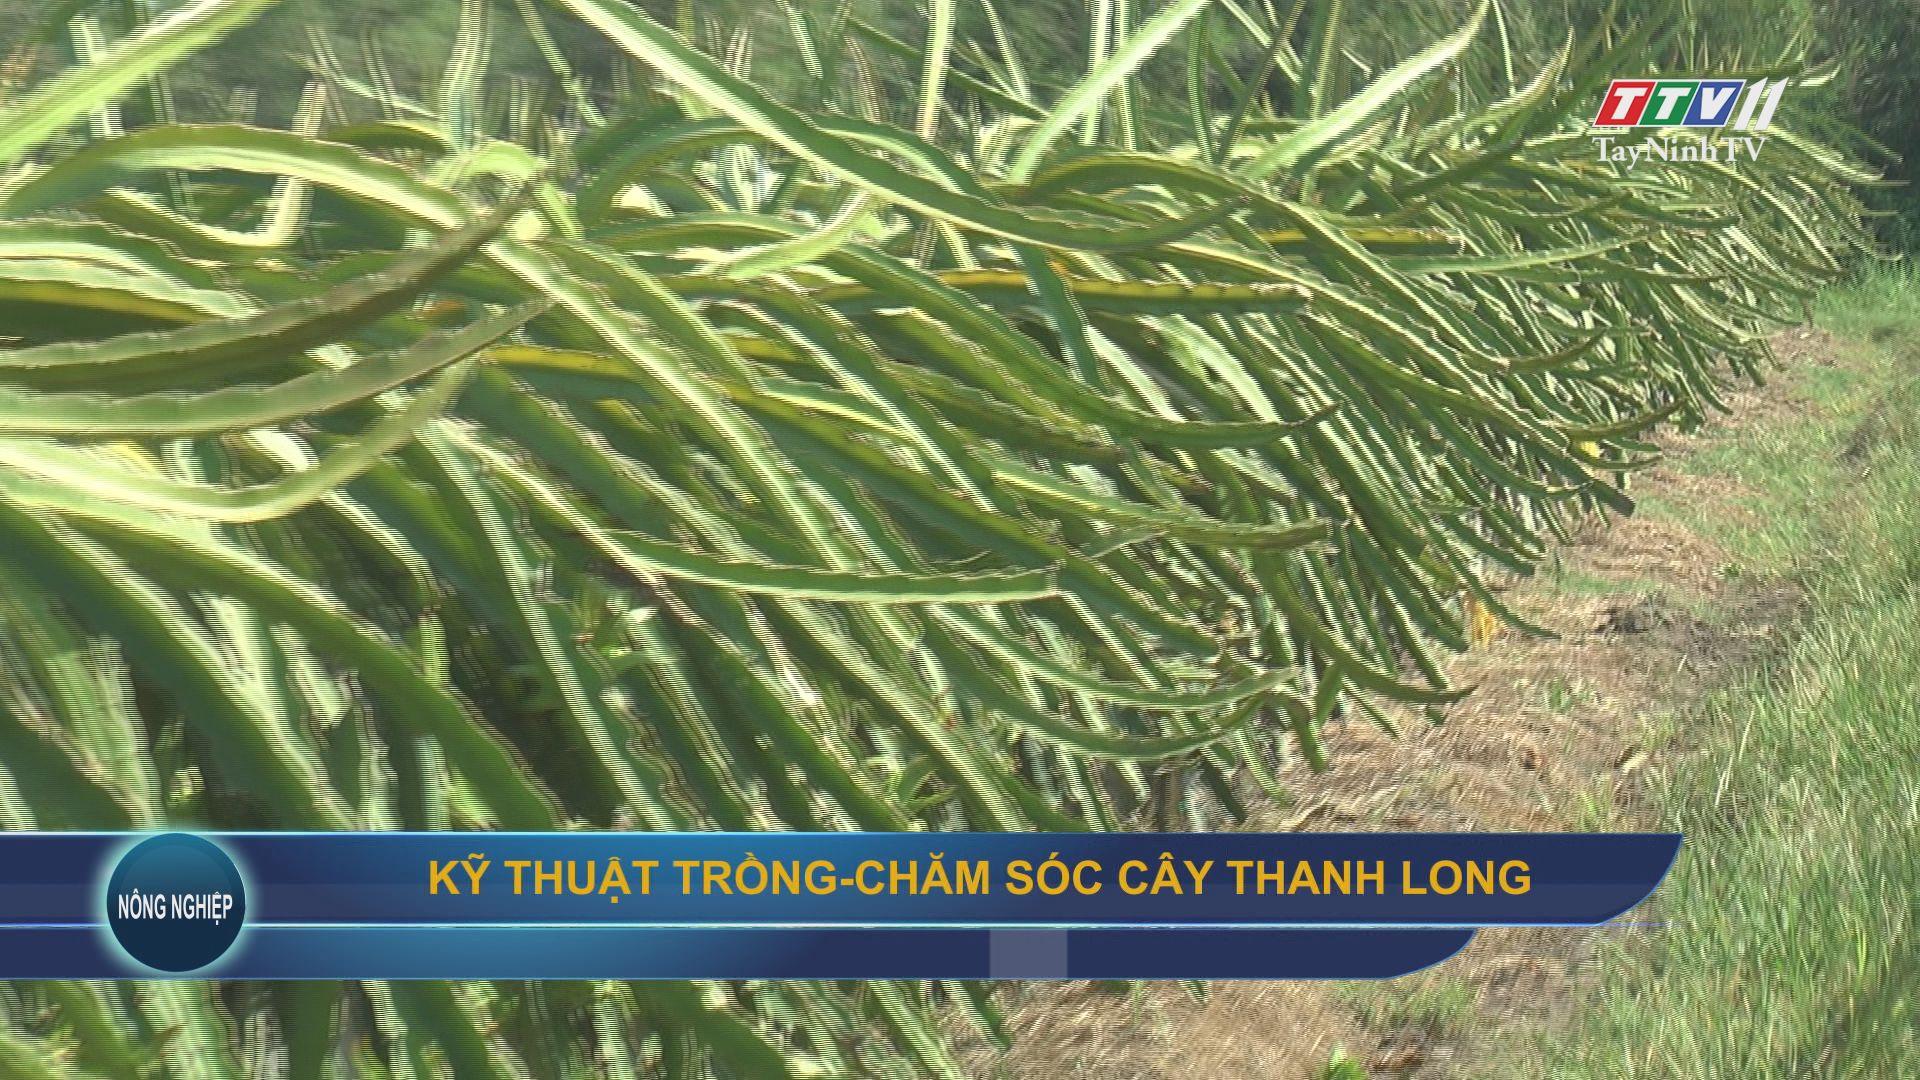 Kỹ thuật trồng-Chăm sóc cây thanh long   NÔNG NGHIỆP TÂY NINH   TayNinhTV